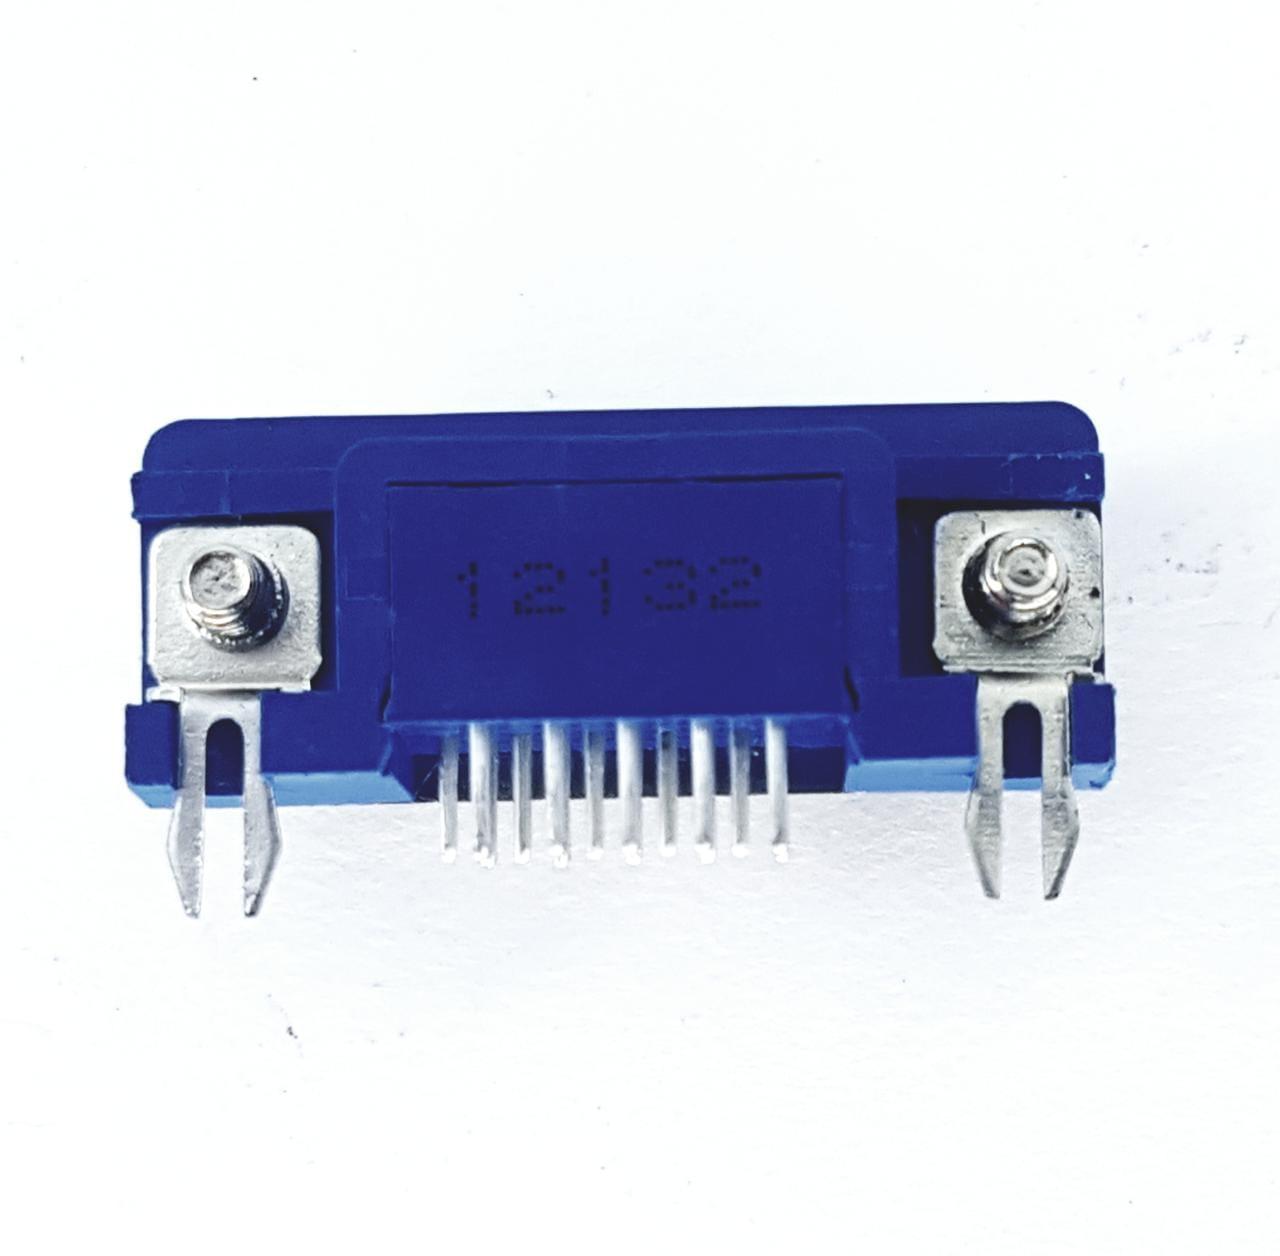 05 peças Conector DB15 Fêmea Solda Placa 3 fileiras